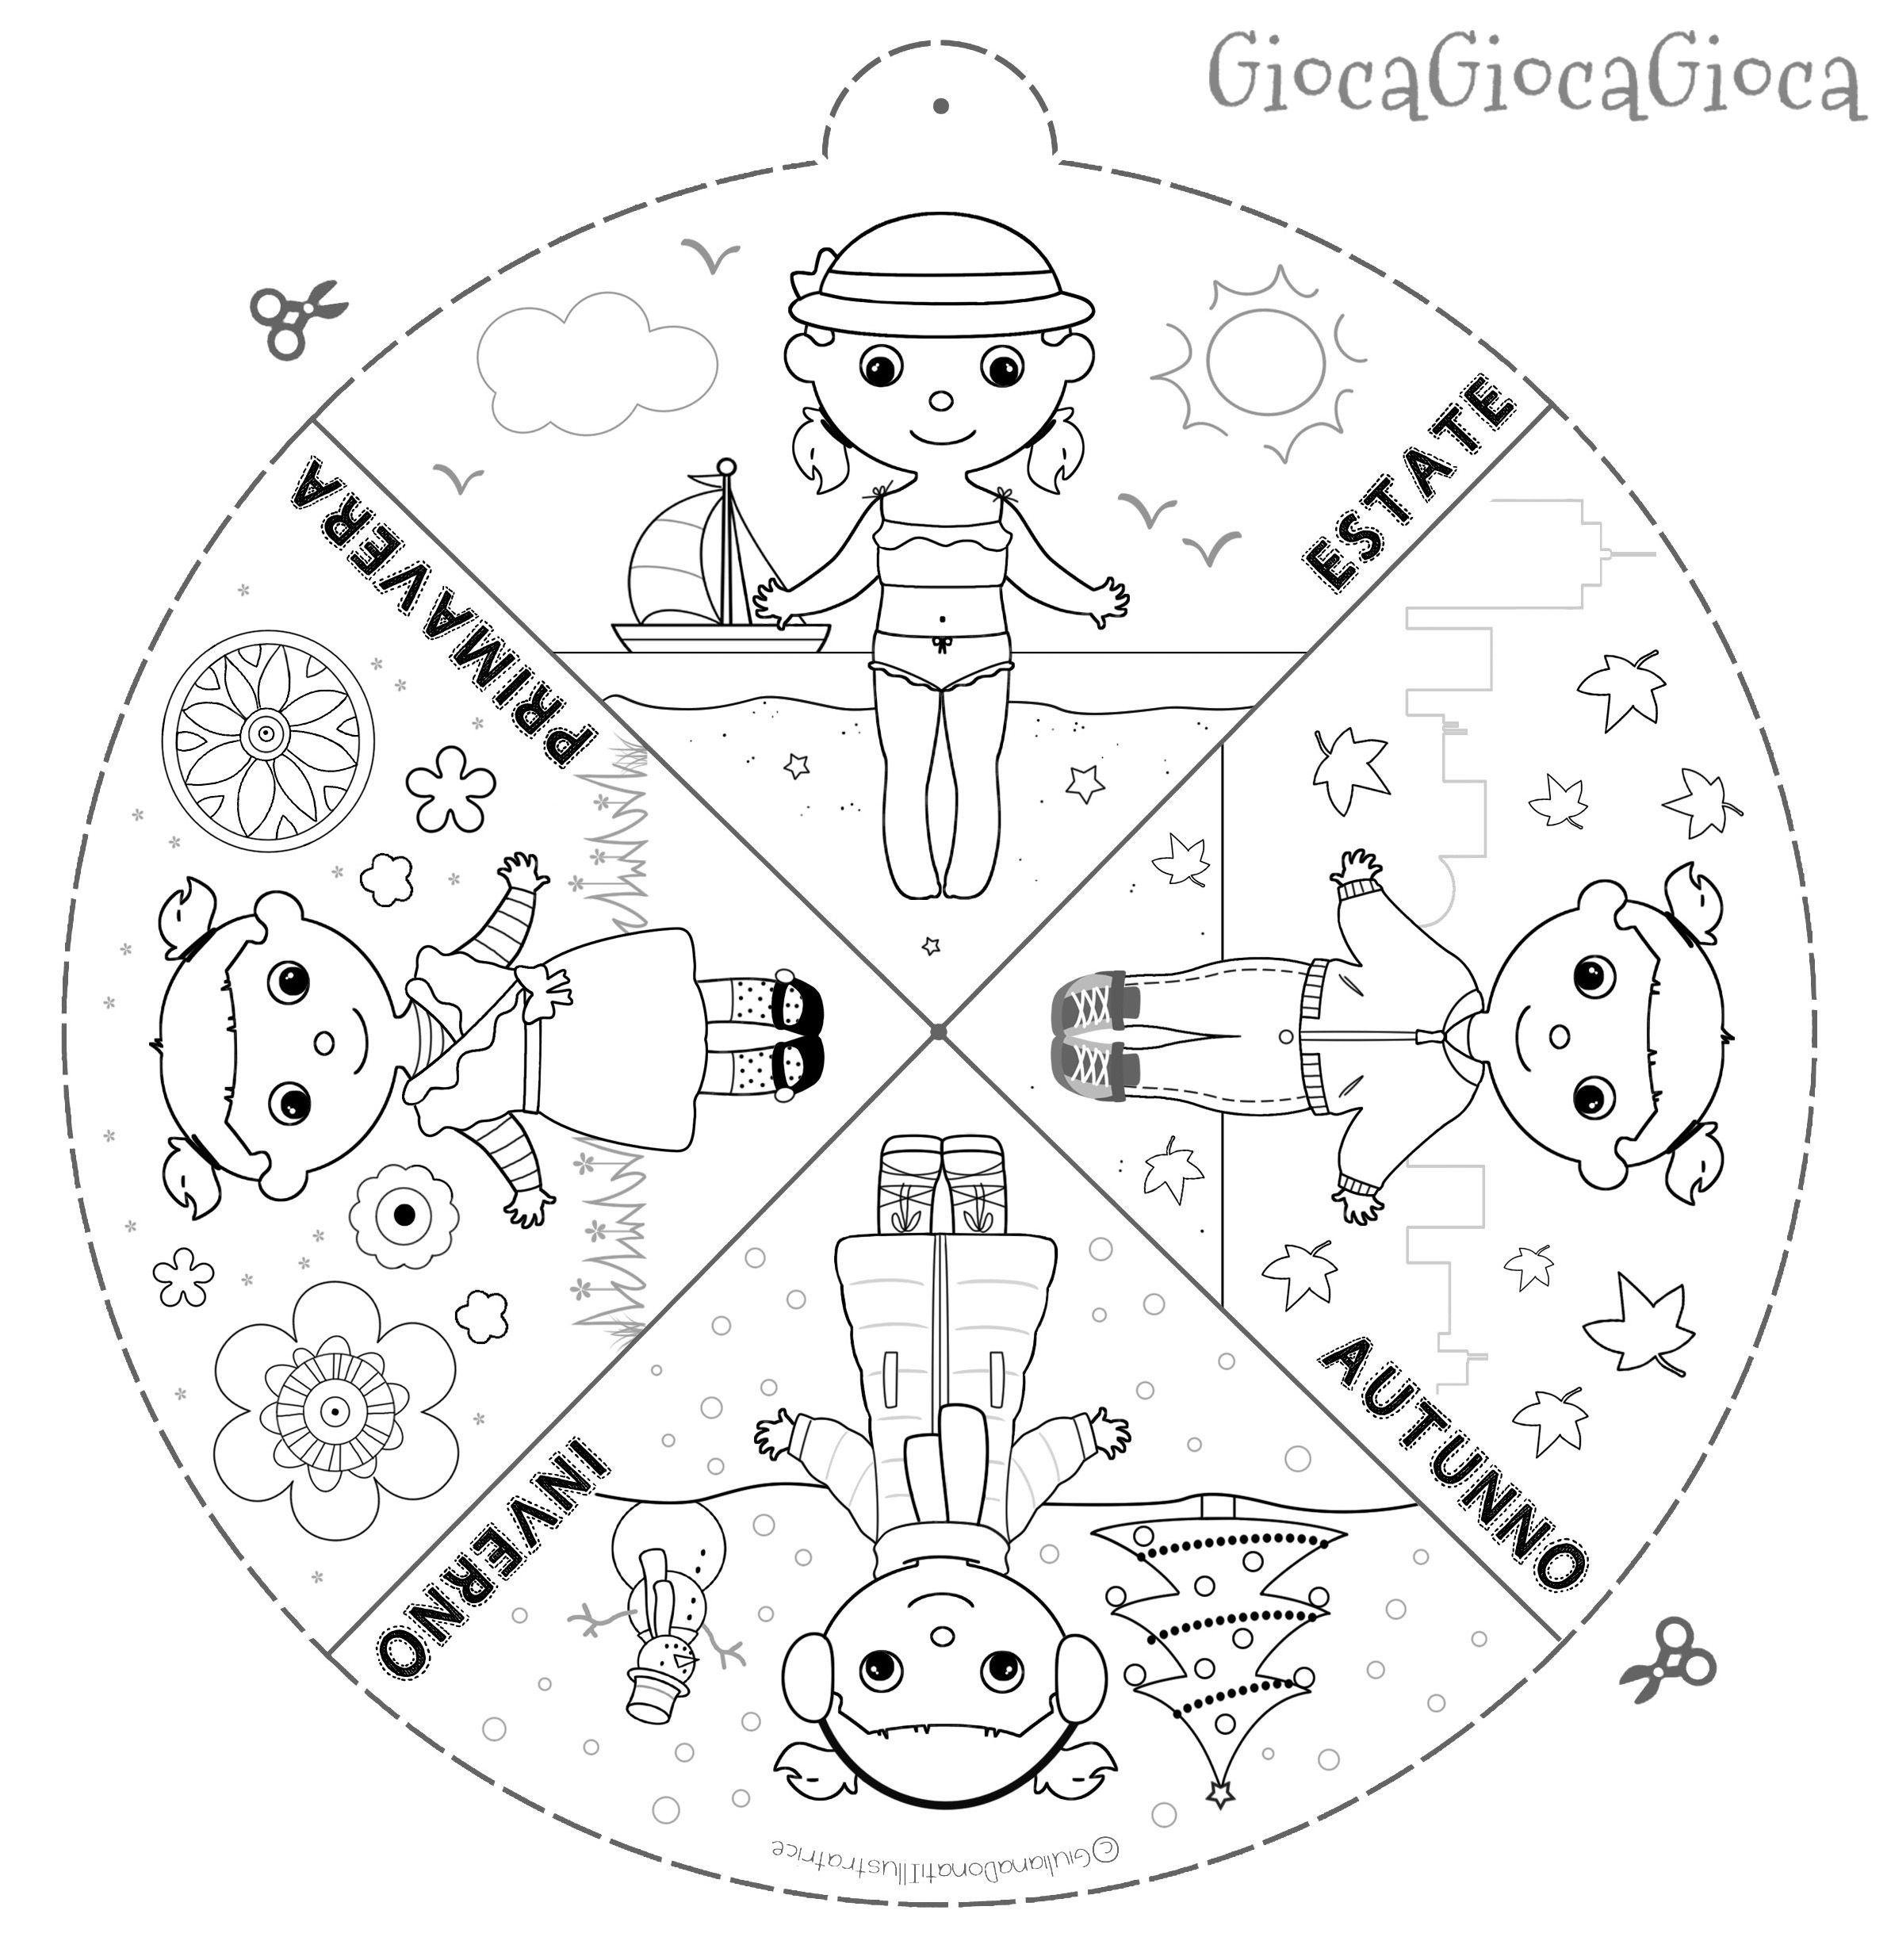 spesso La ruota delle stagioni su GiocaGiocaGioca! The wheel of seasons  XW61